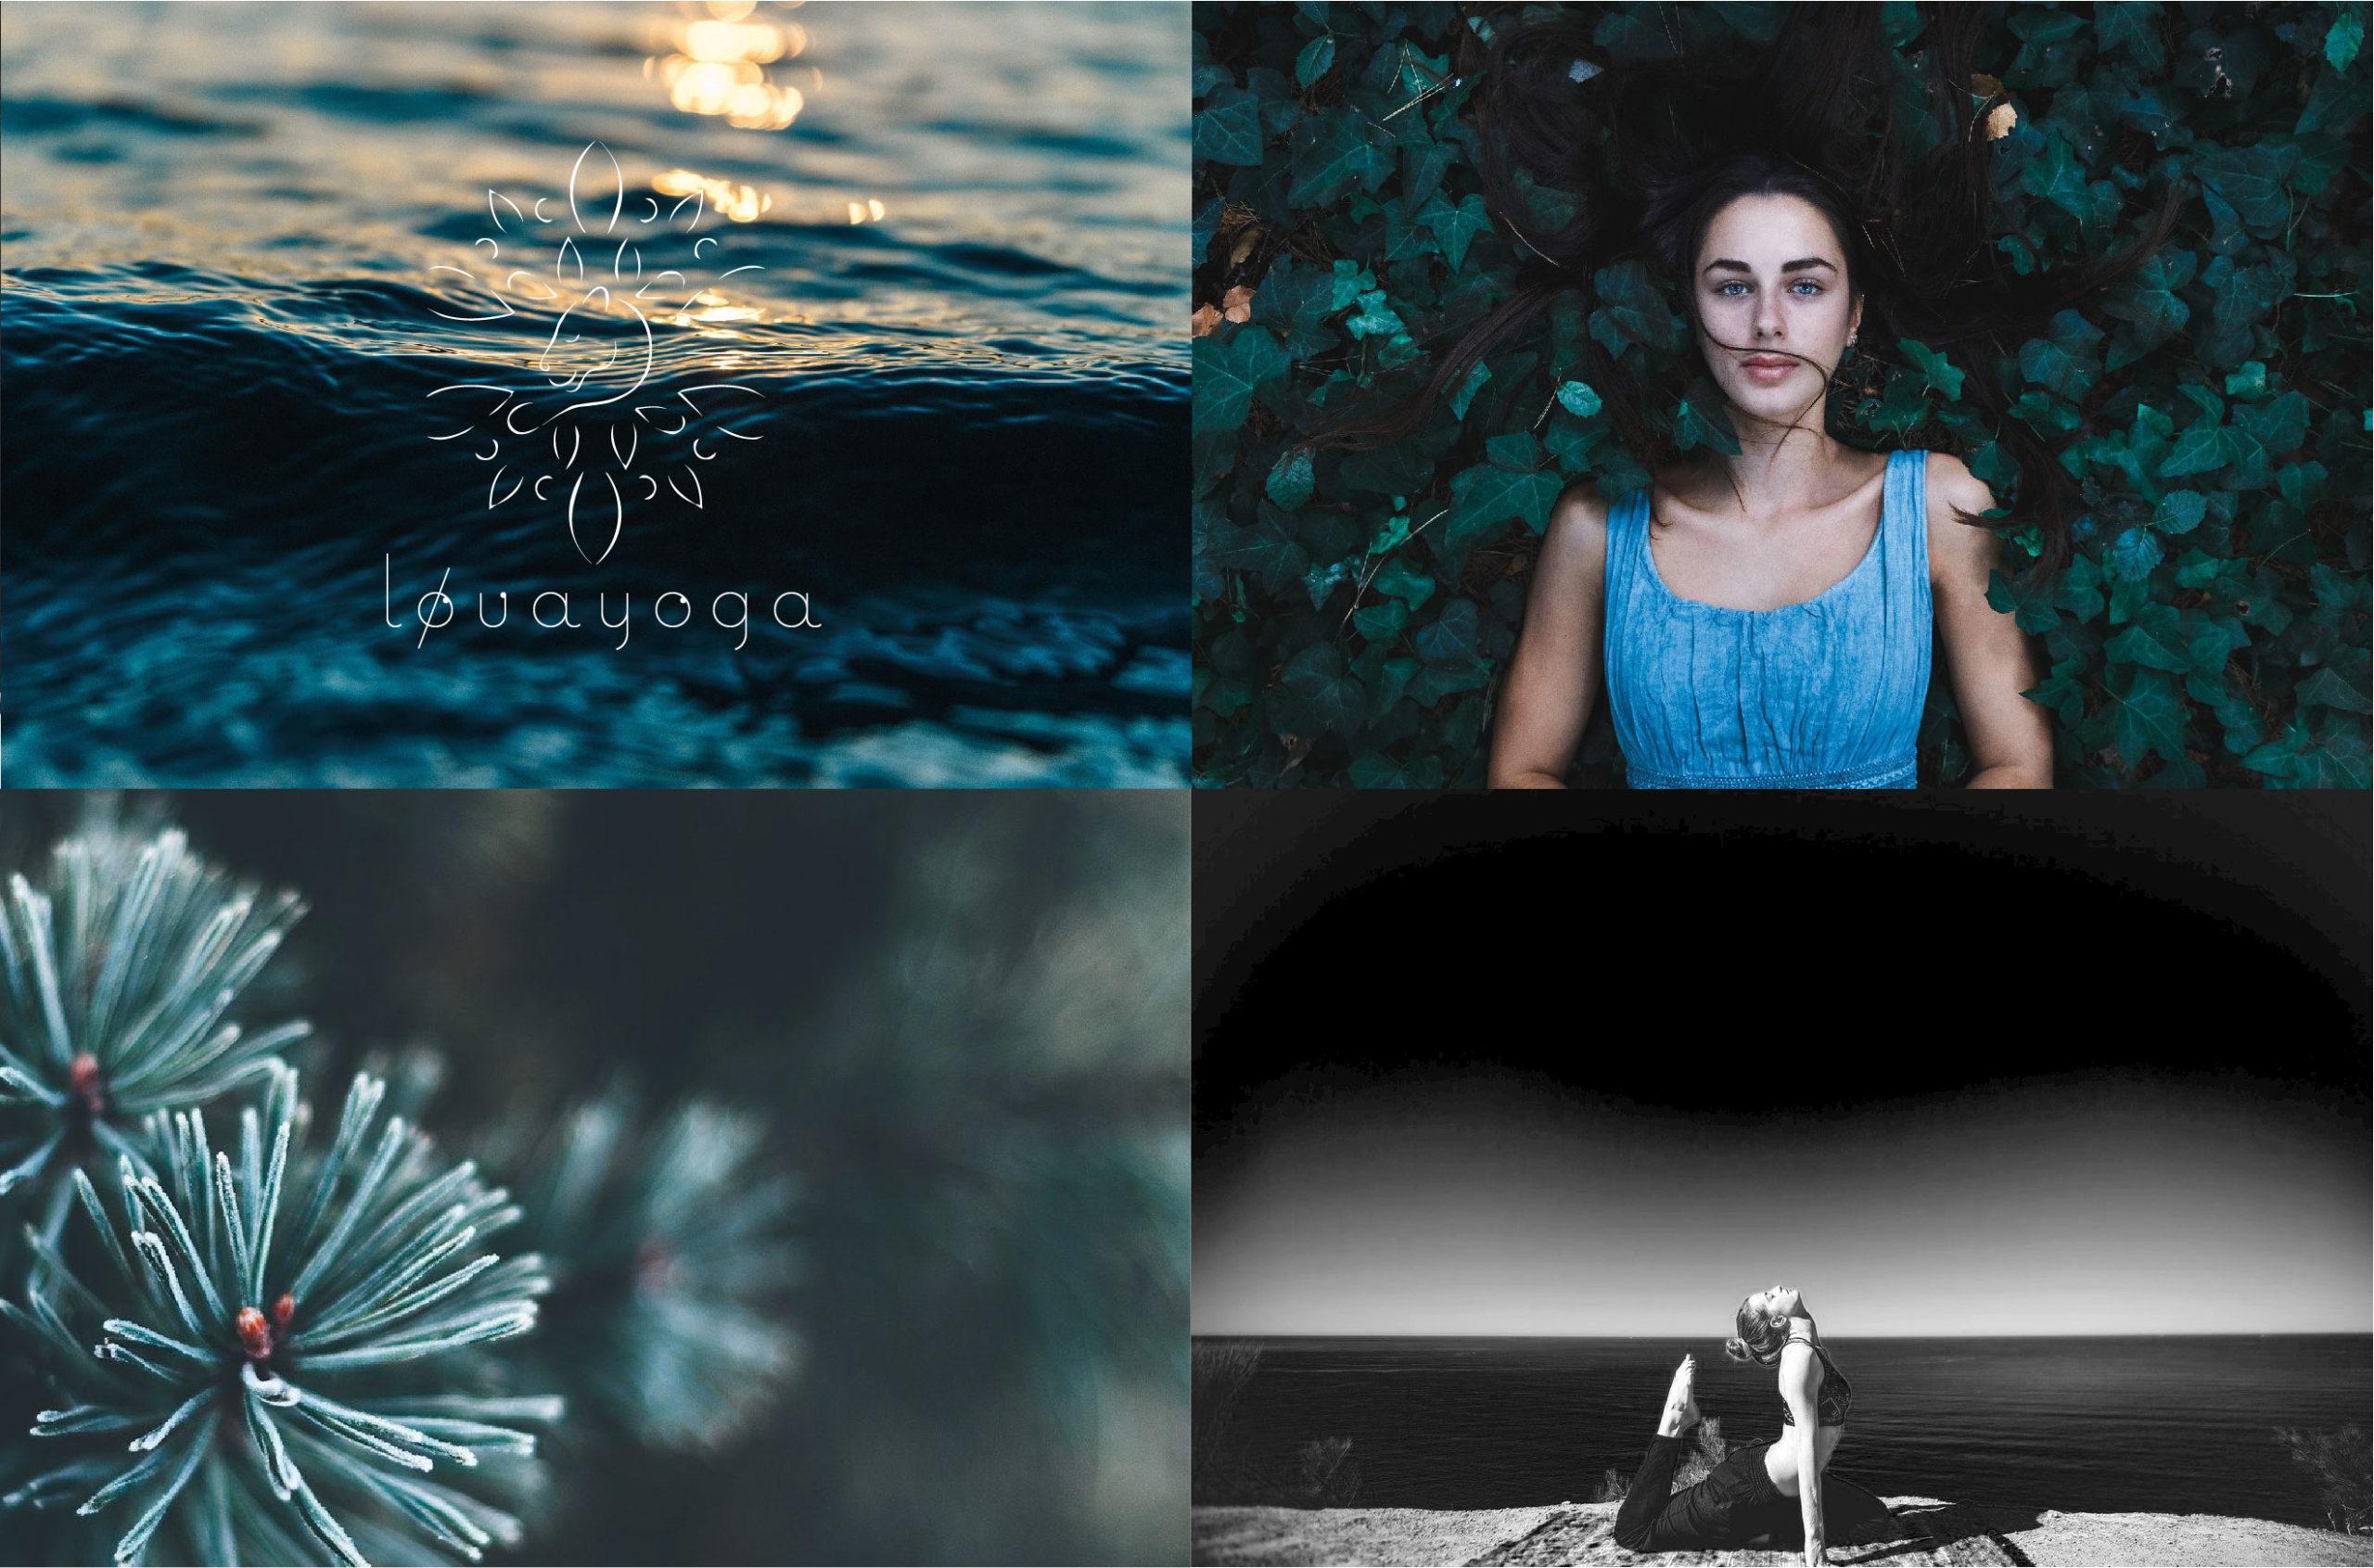 création identité visuelle pour professeur yoga julien guichard digital pays basque